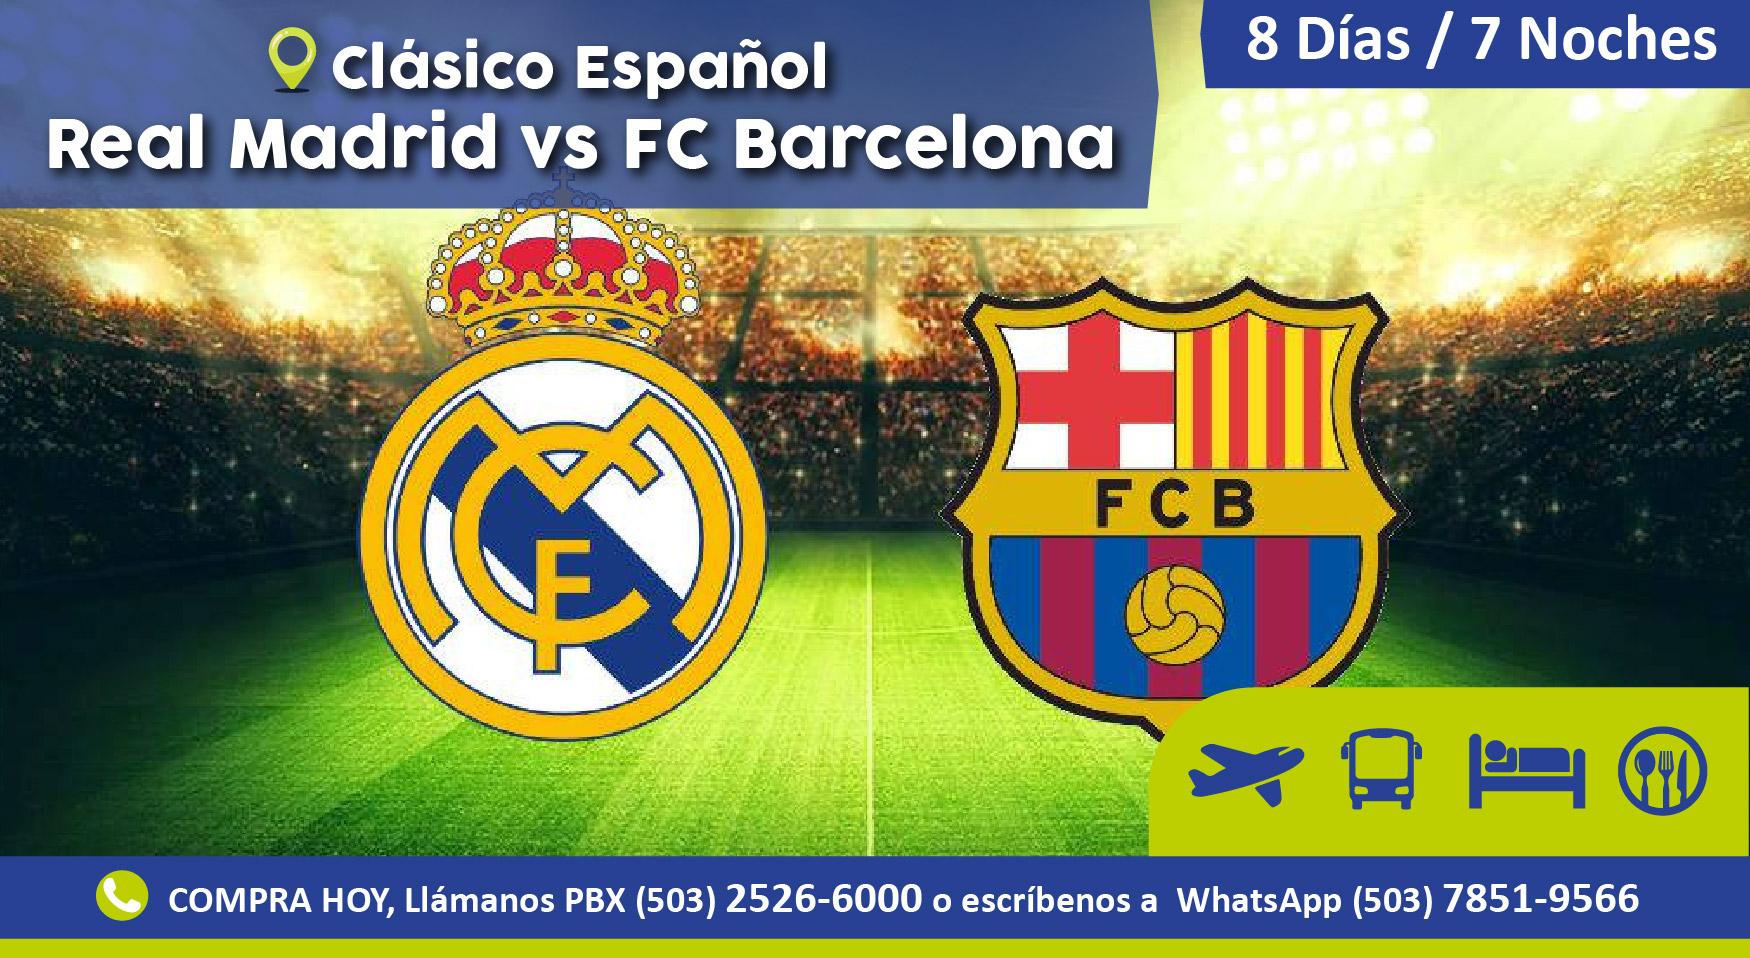 Clasico Espanol Real Madrid Vs Fc Barcelona Avi Travel